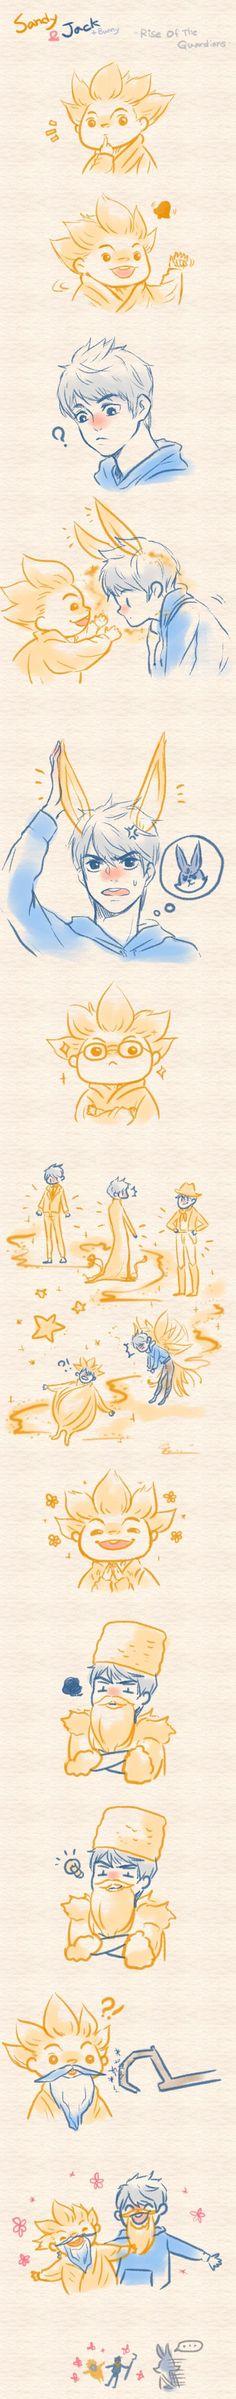 Jack Frost et le marchand de sable